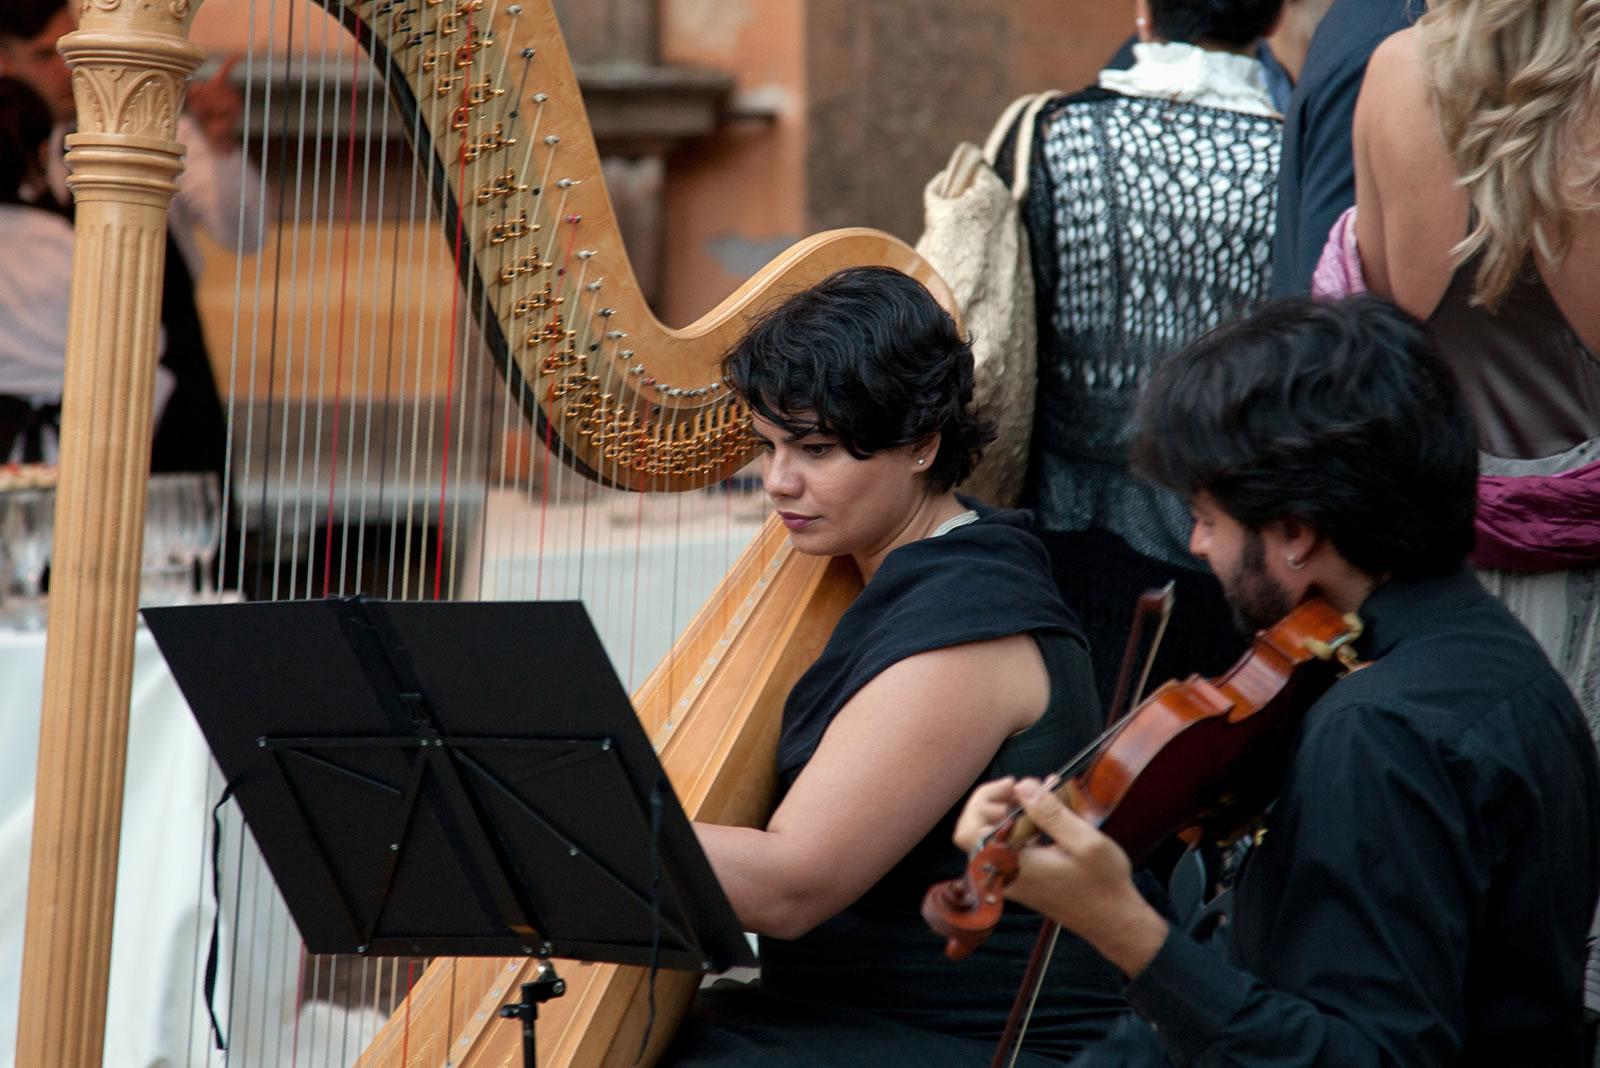 Musica Classica, Arpa e violino